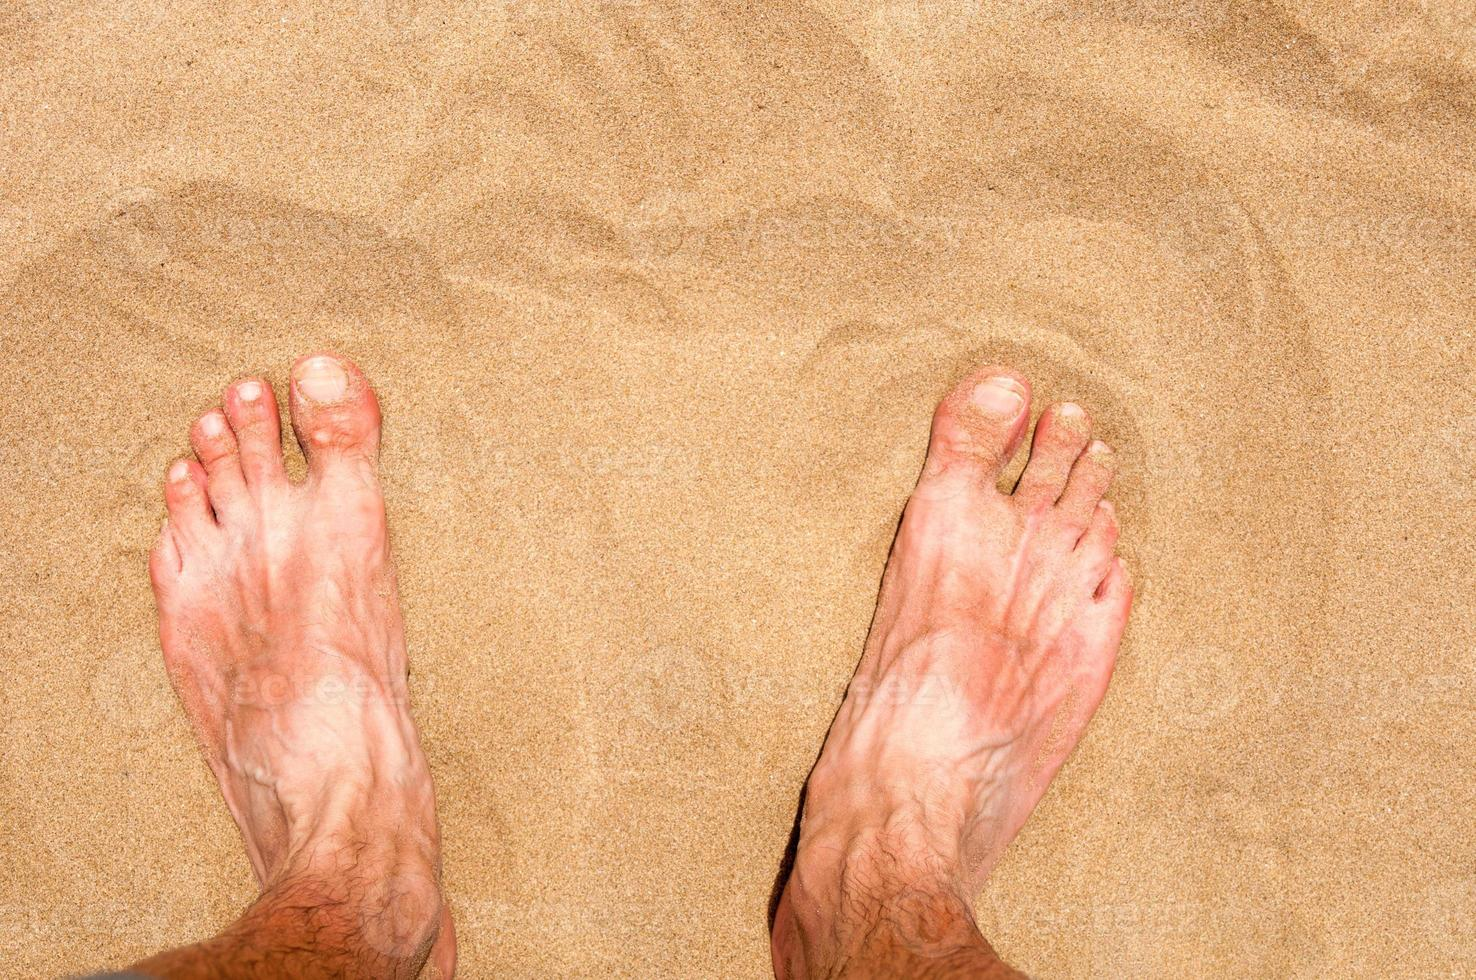 mannelijke voet op zand foto